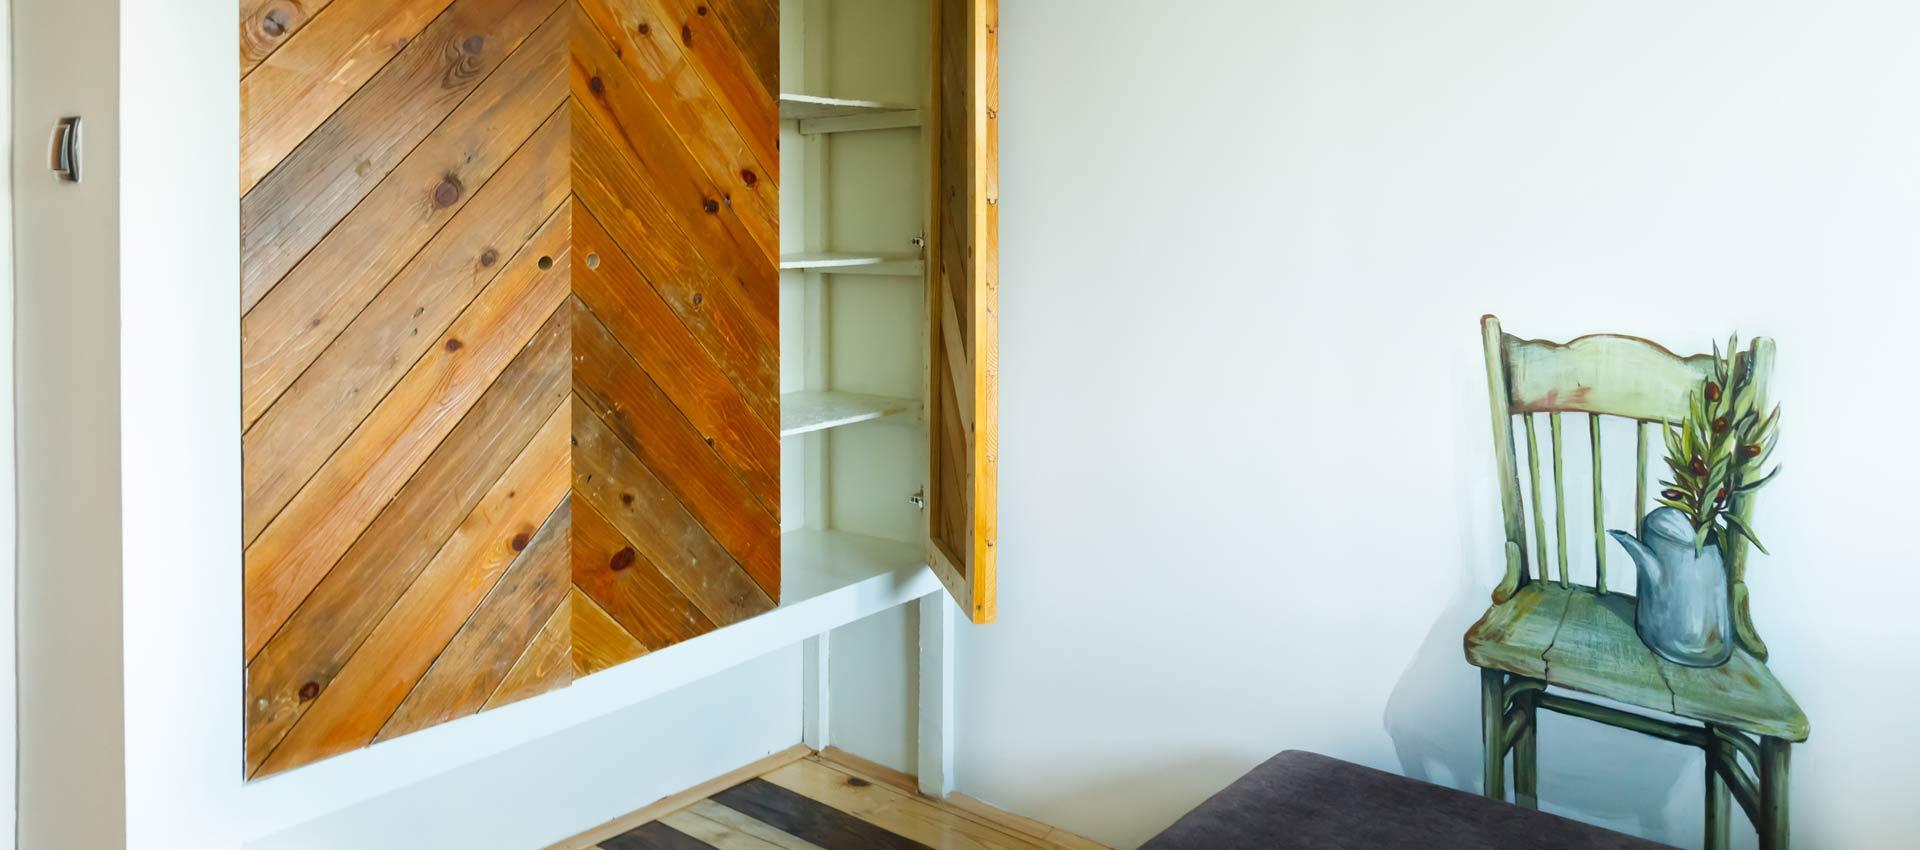 apartment-slide-1